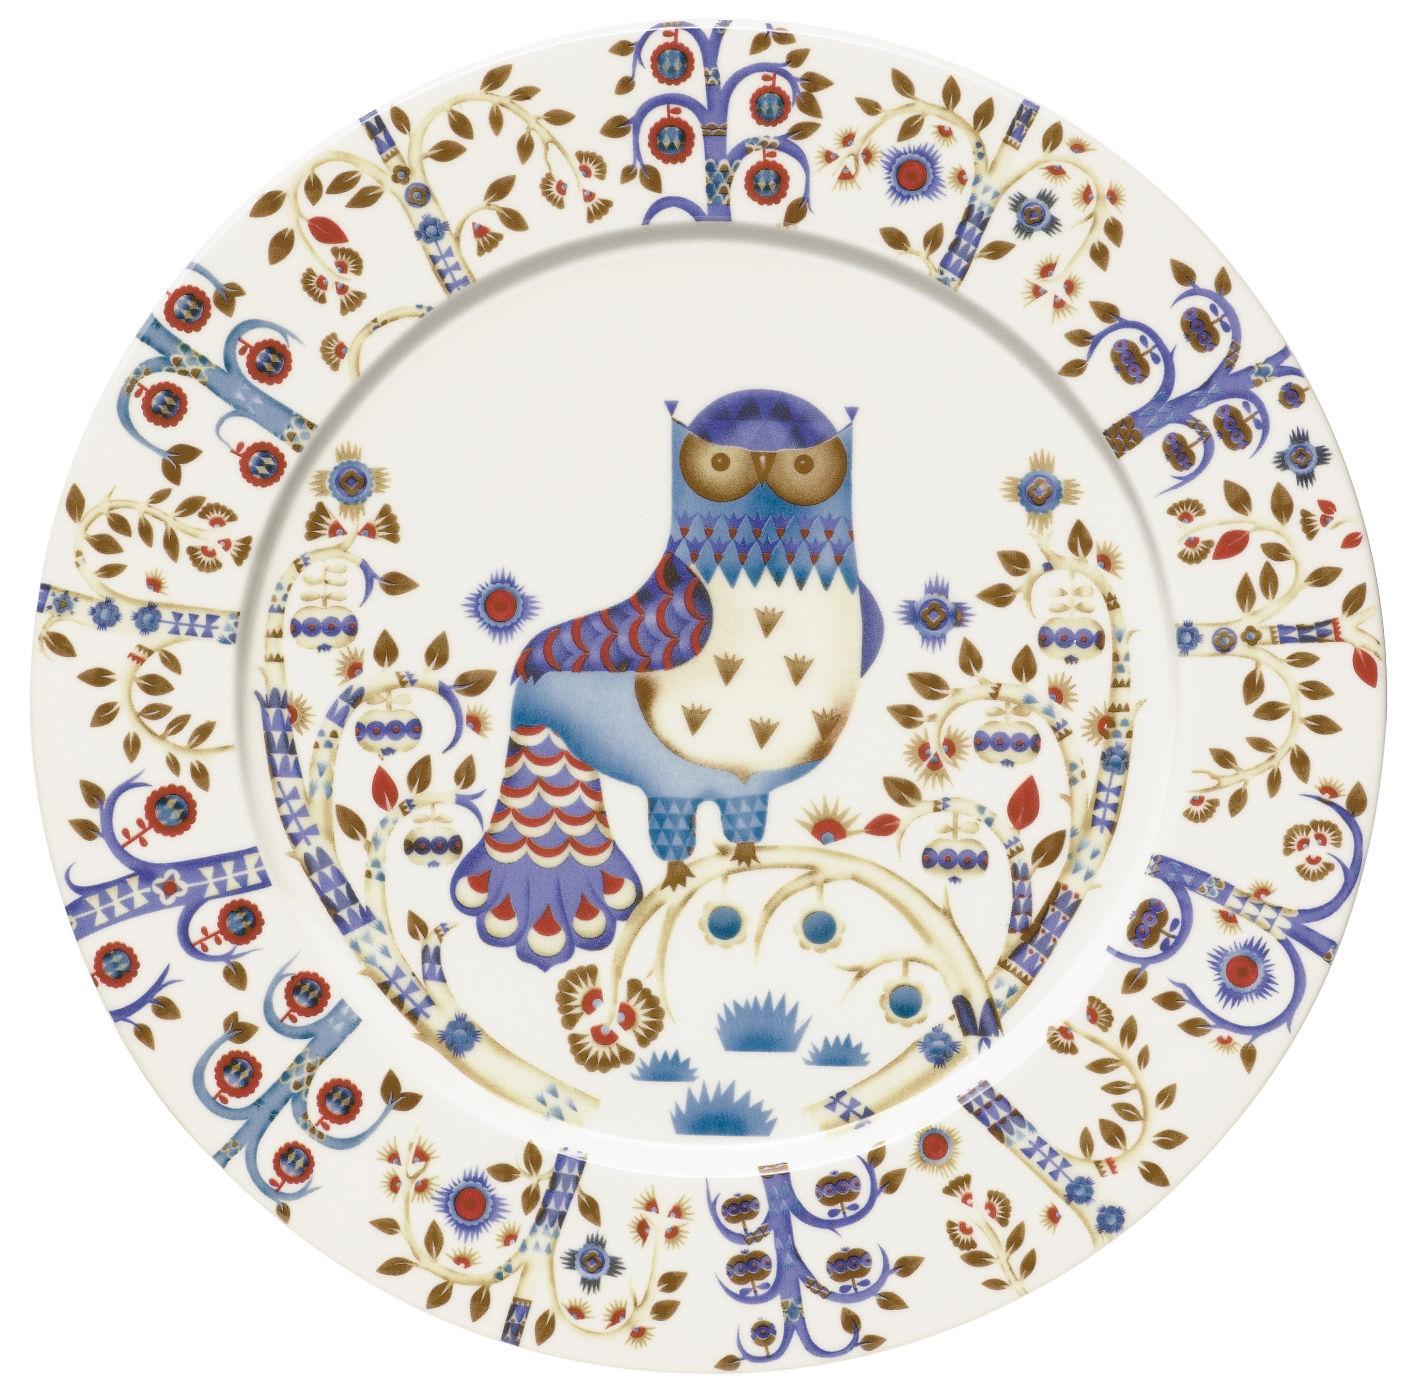 Arts de la table - Assiettes - Assiette Taika / Ø 30 cm - Iittala - Blanc - Céramique